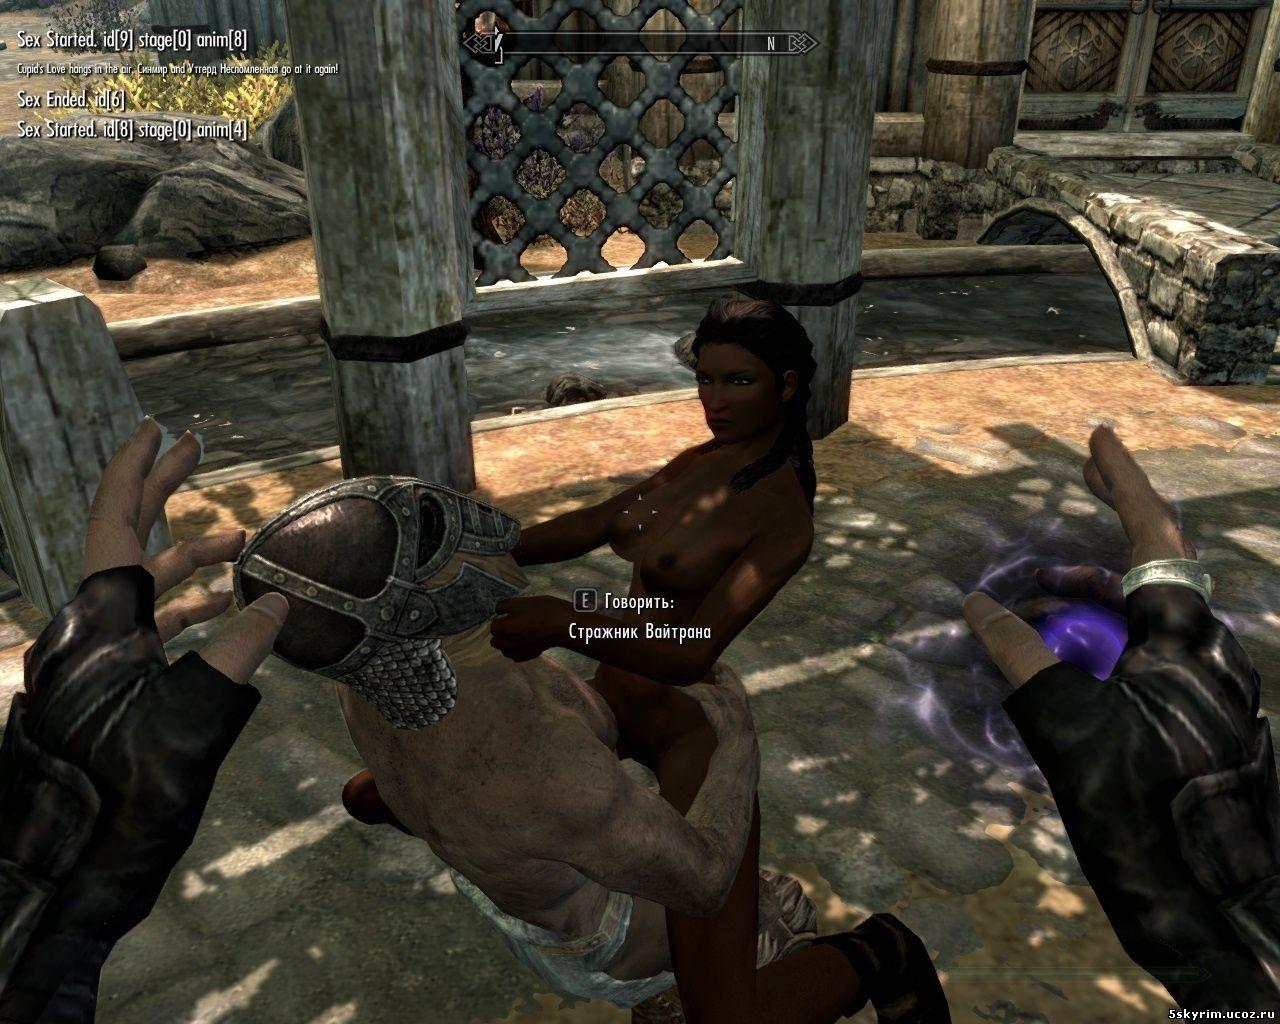 Мод позволяющий заниматься сексом в скайриме